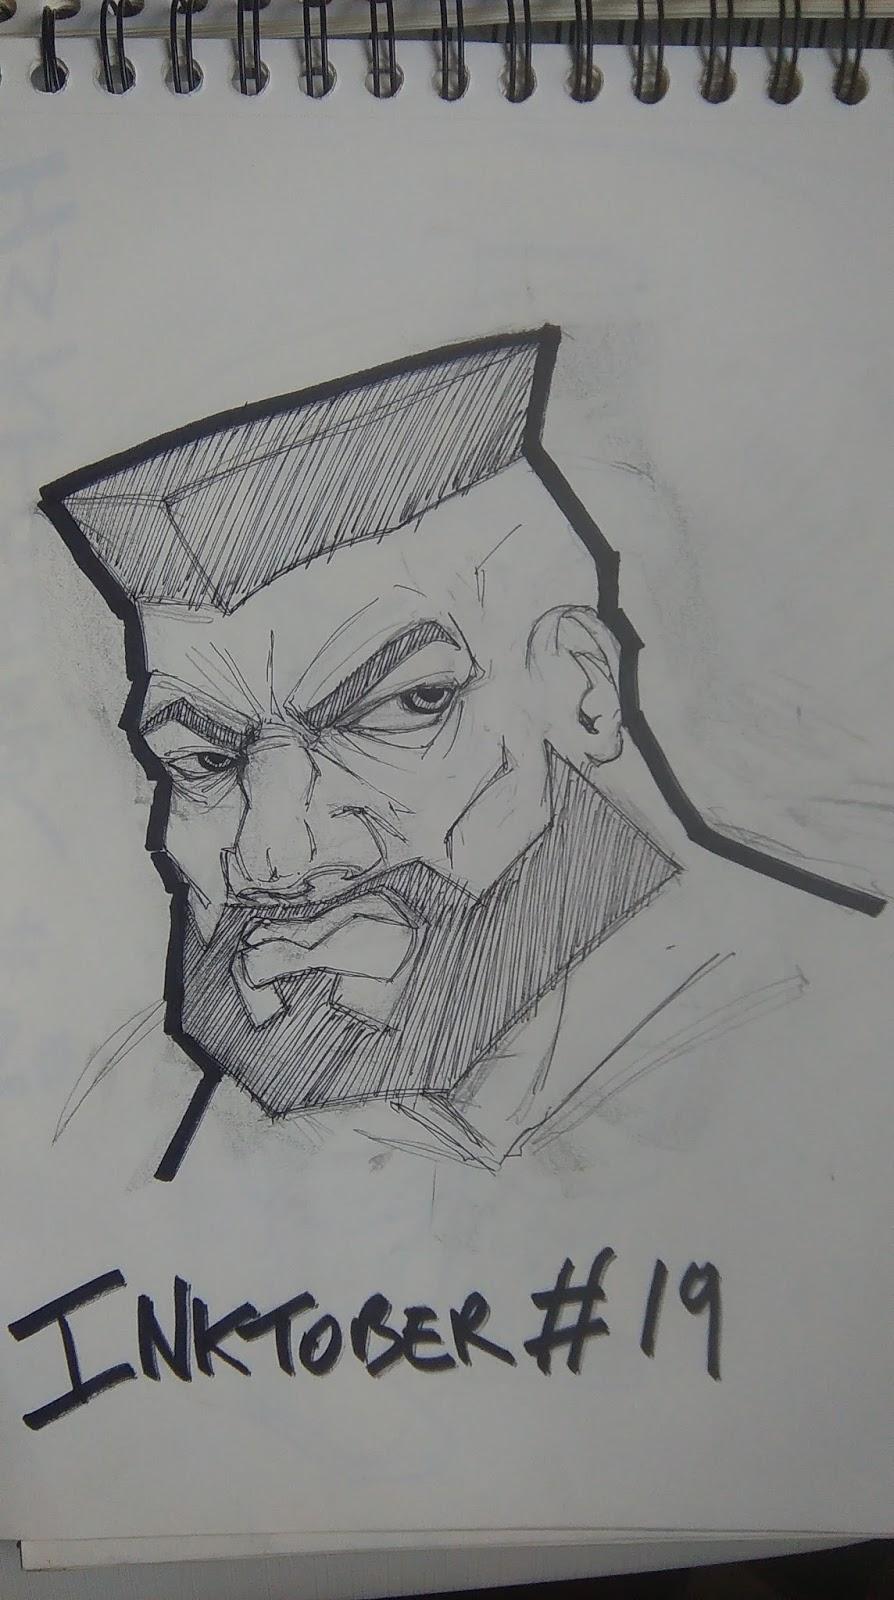 [SPOLYK] - Geometries & sketches 19